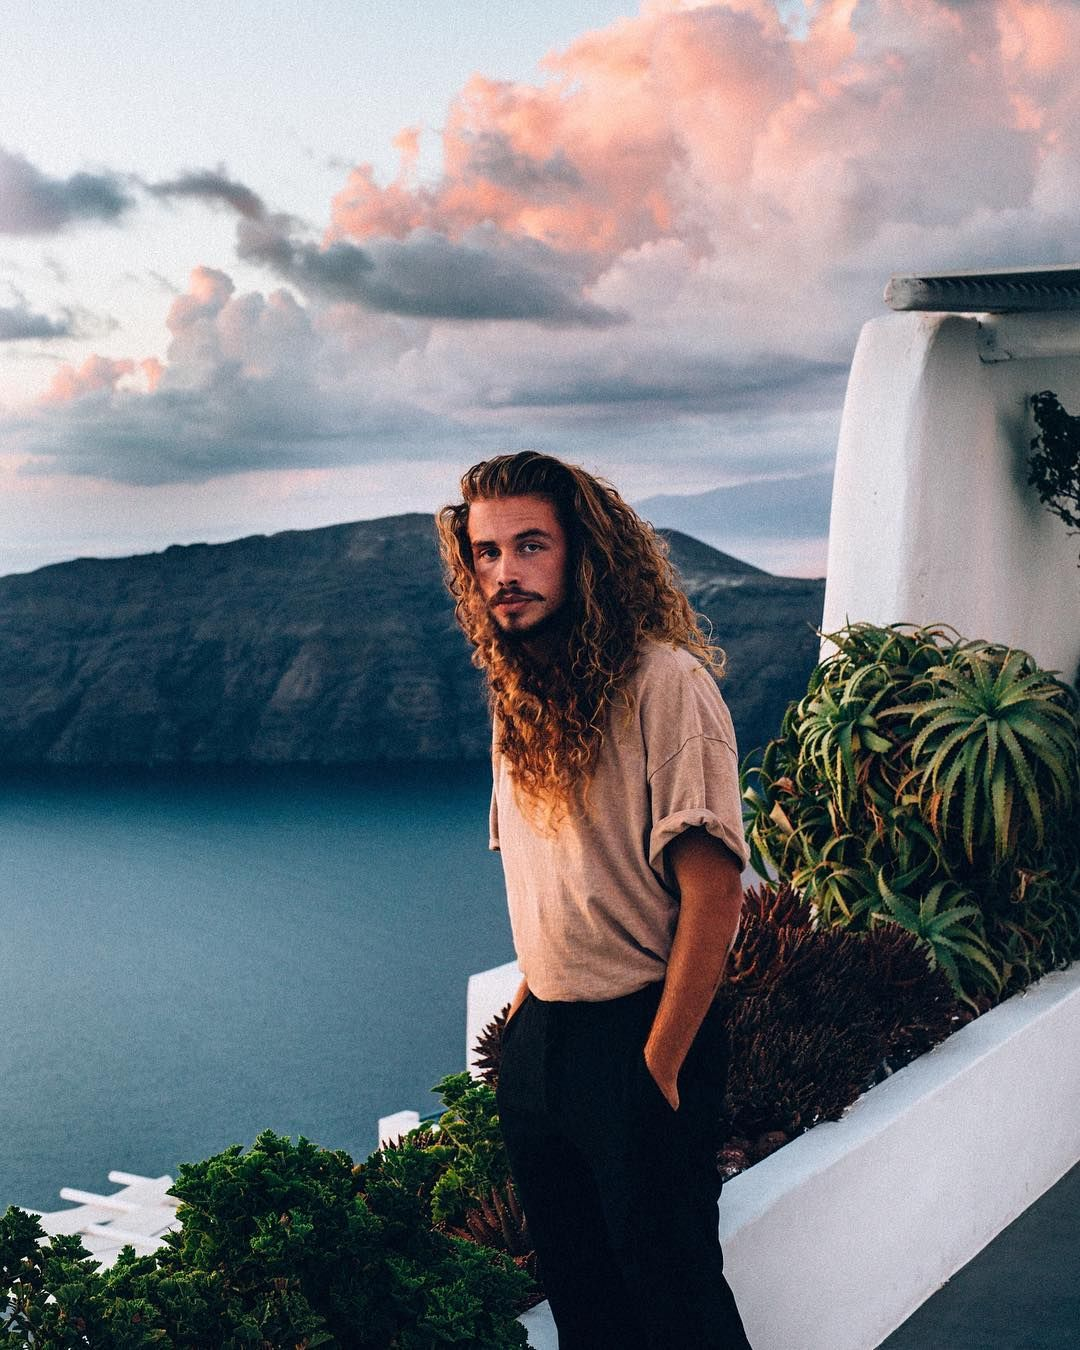 Long curly hair for men long hair inspiration long natural hair - Long Hair For Men Long Curly Hair For Men Long Natural Hair Curly